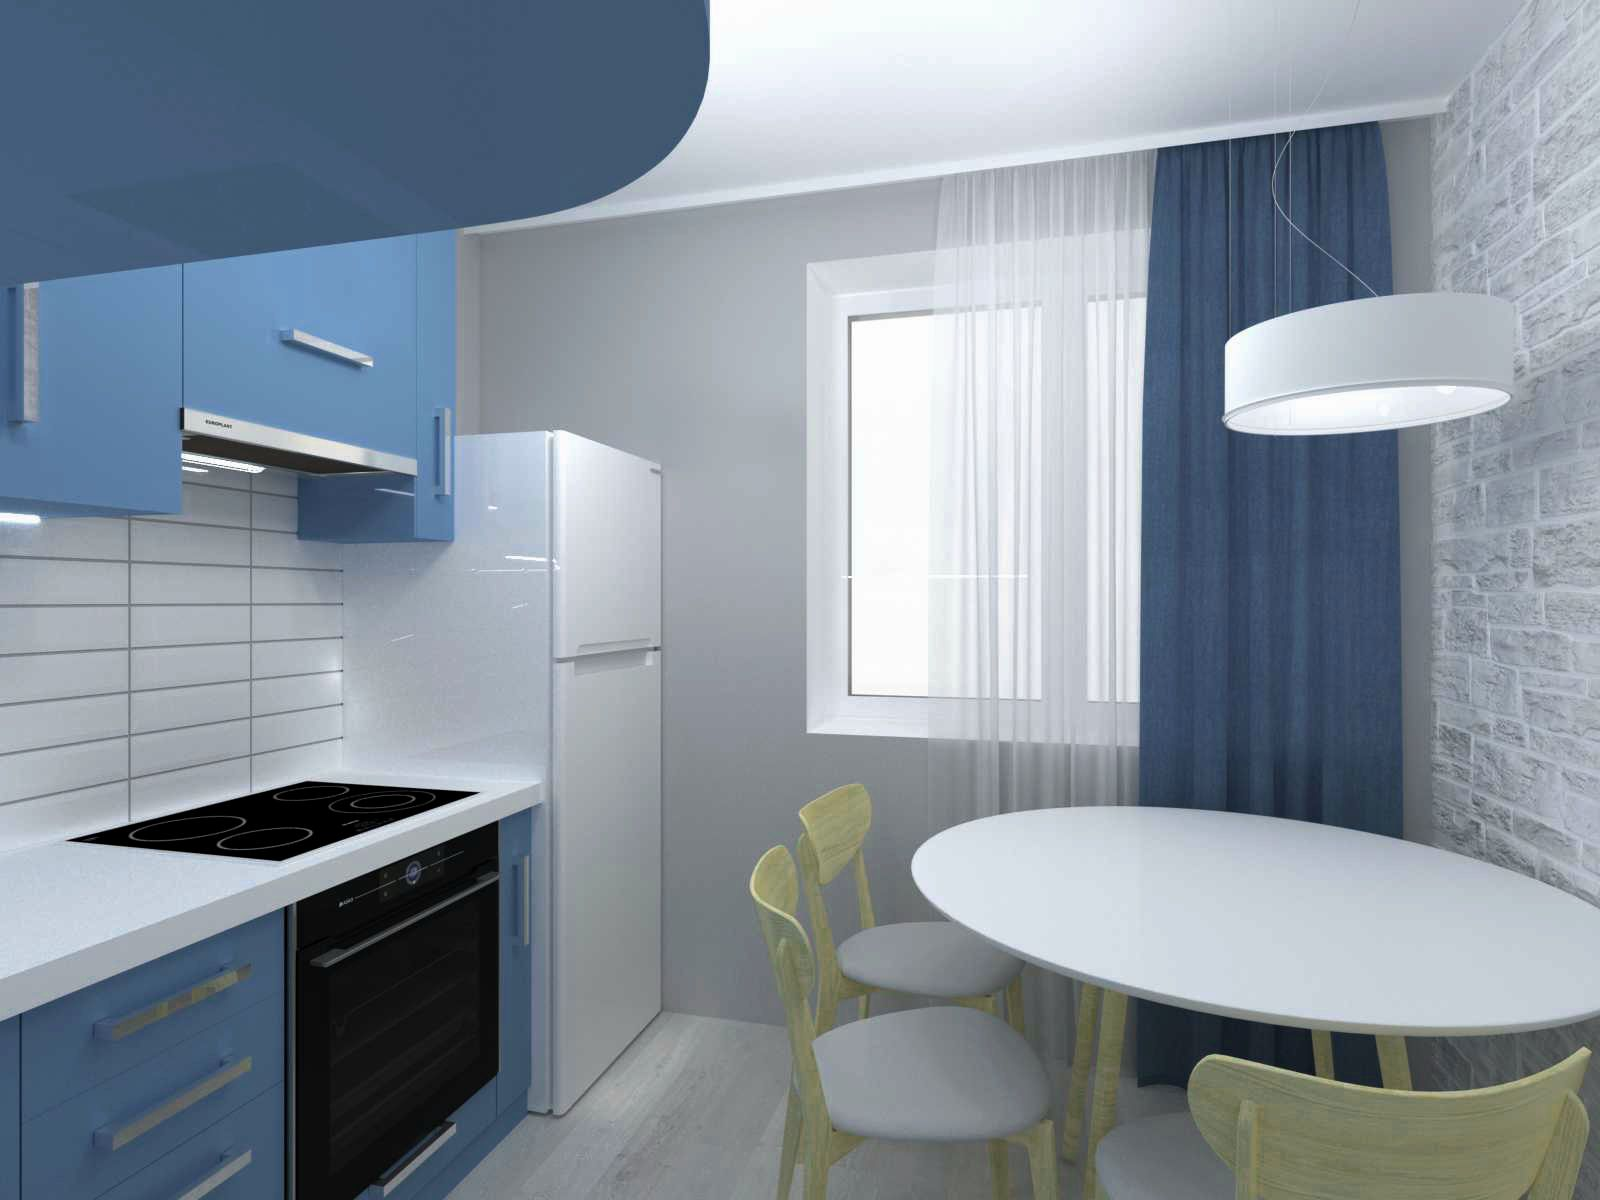 кухня в однокомнатной квартире дизайн 7